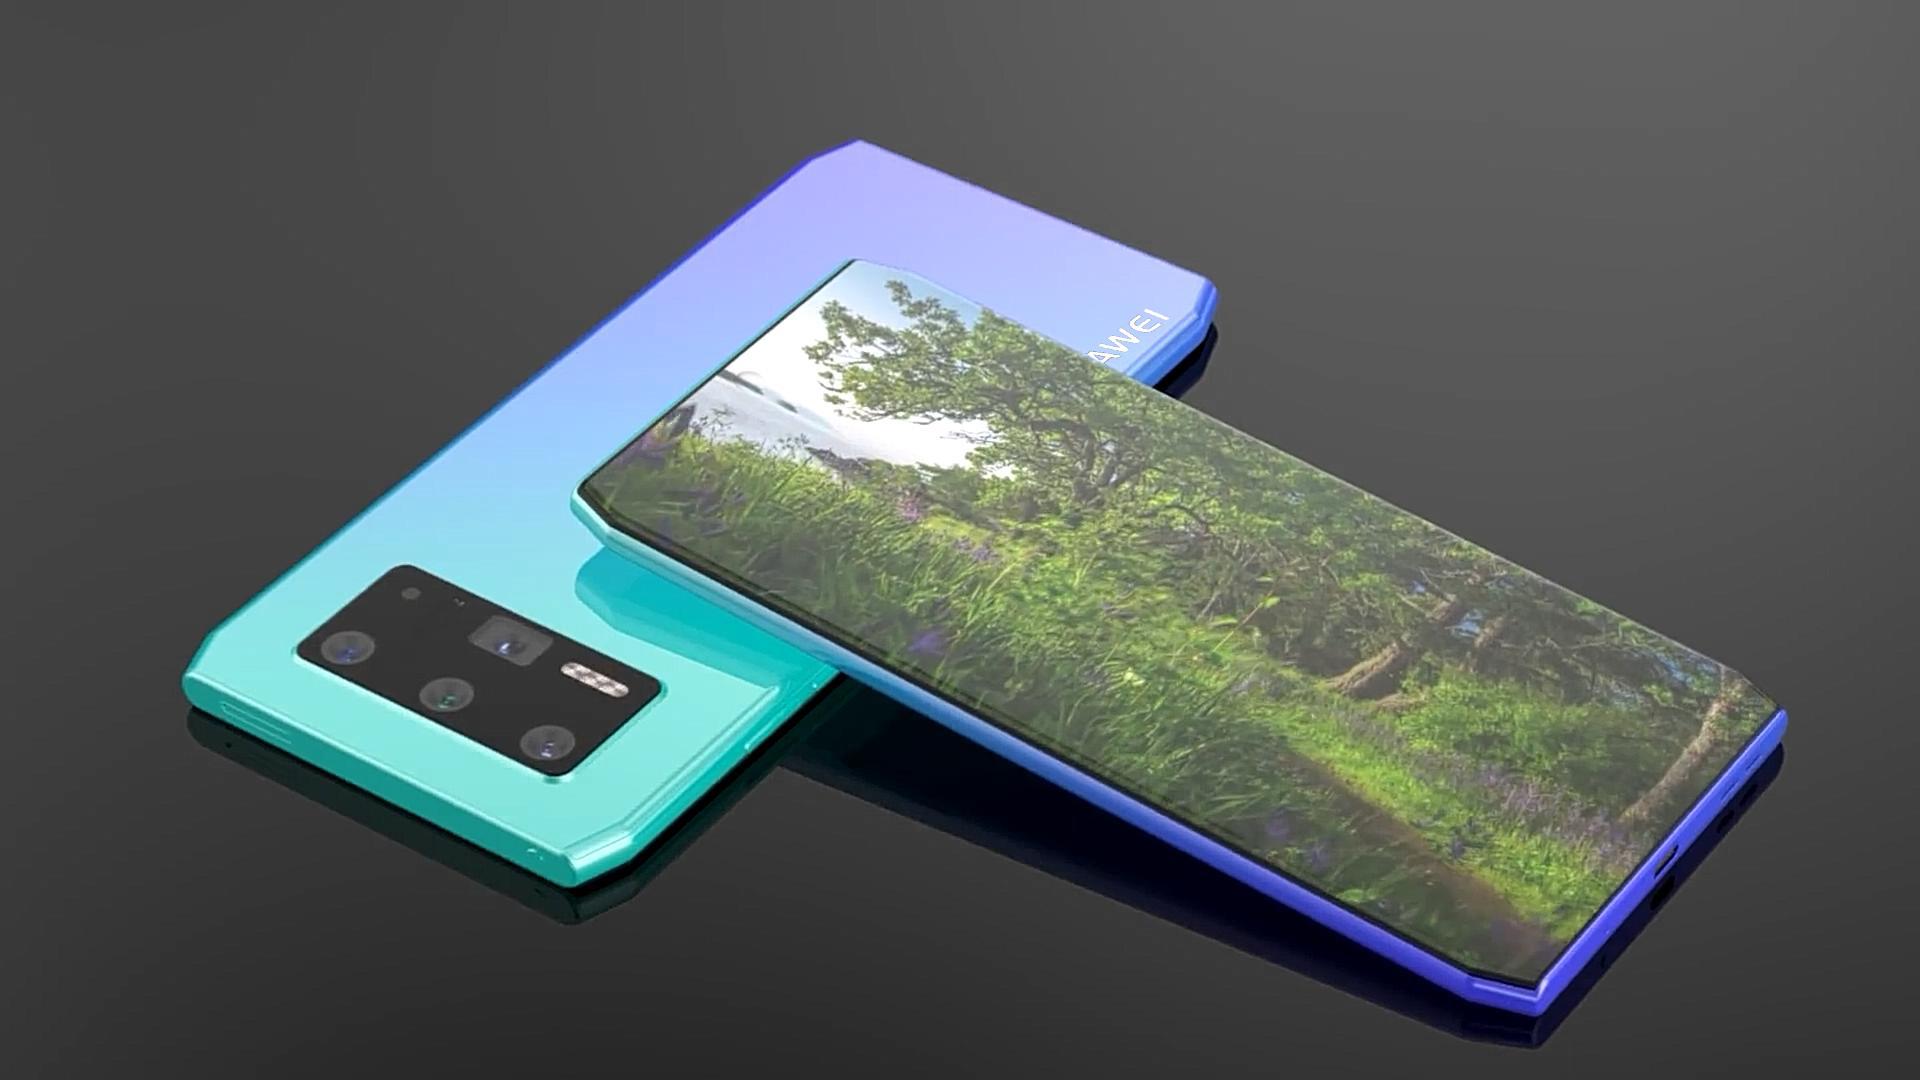 华为P50pro亮杀手锏,4K屏+1亿像素+鸿蒙OS,这才是华为的实力